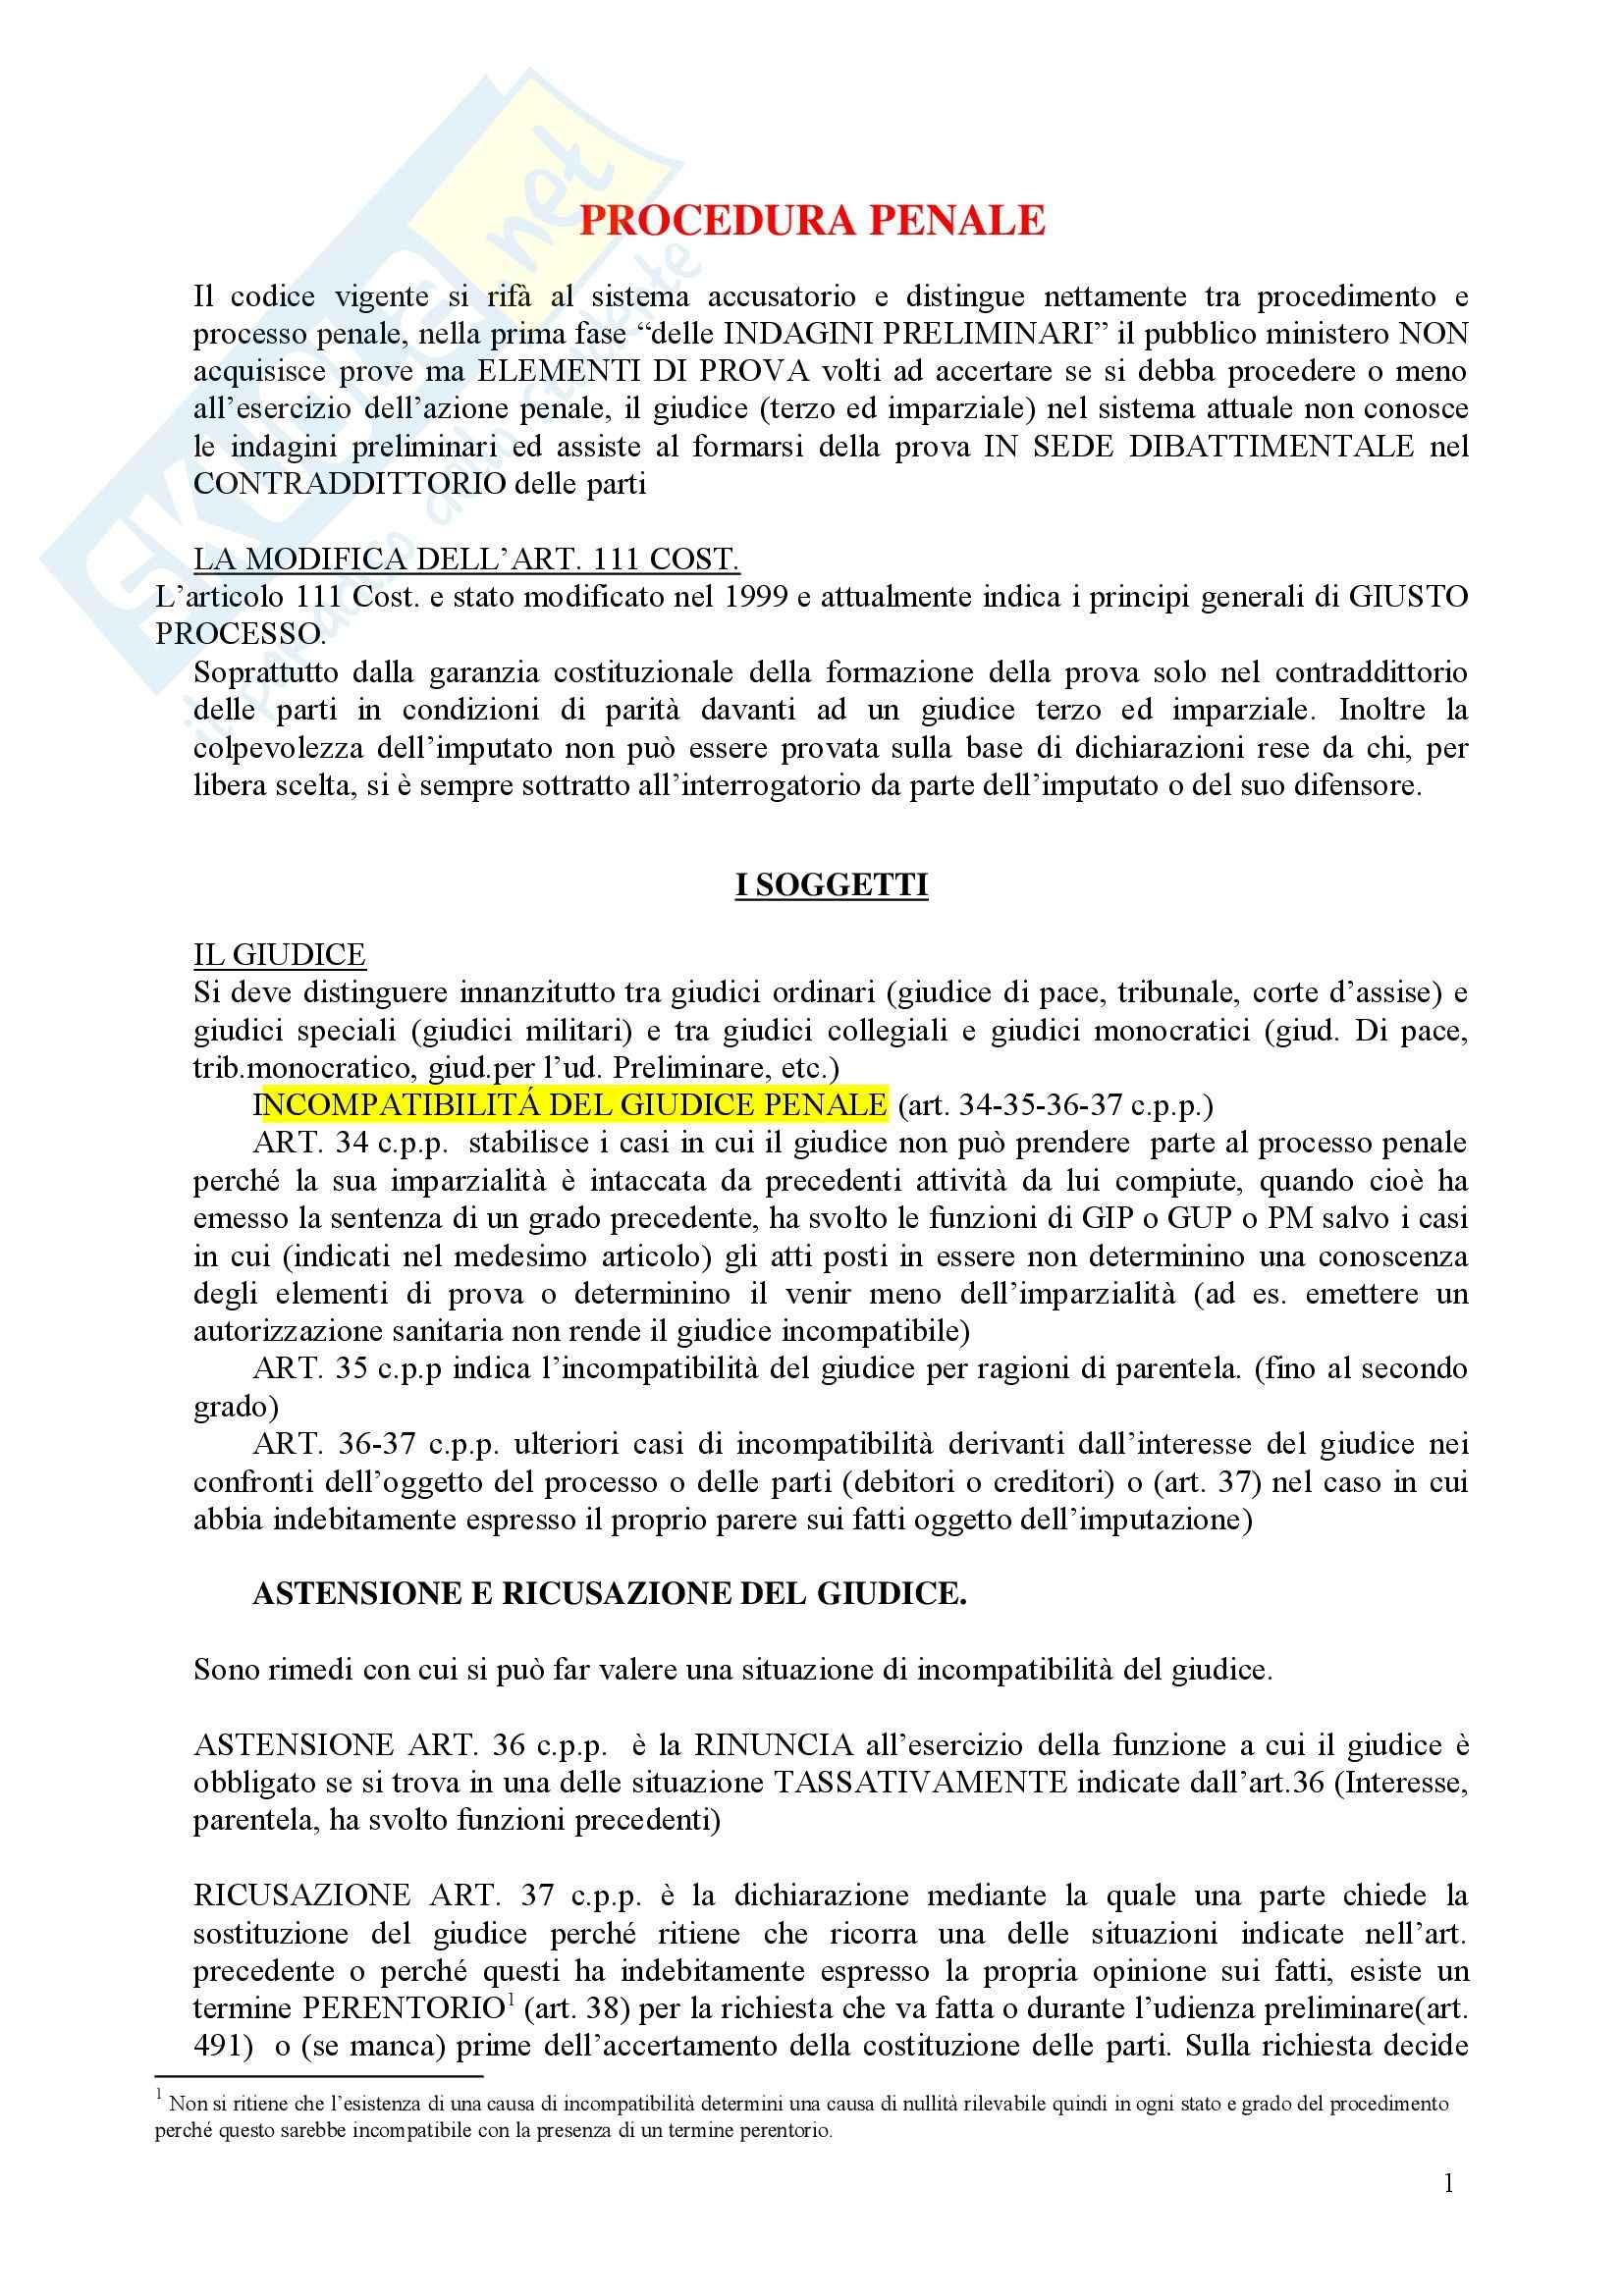 Riassunto esame Diritto Processuale Penale, prof. Marafioti, libro consigliato Diritto Processuale Penale, Lozzi